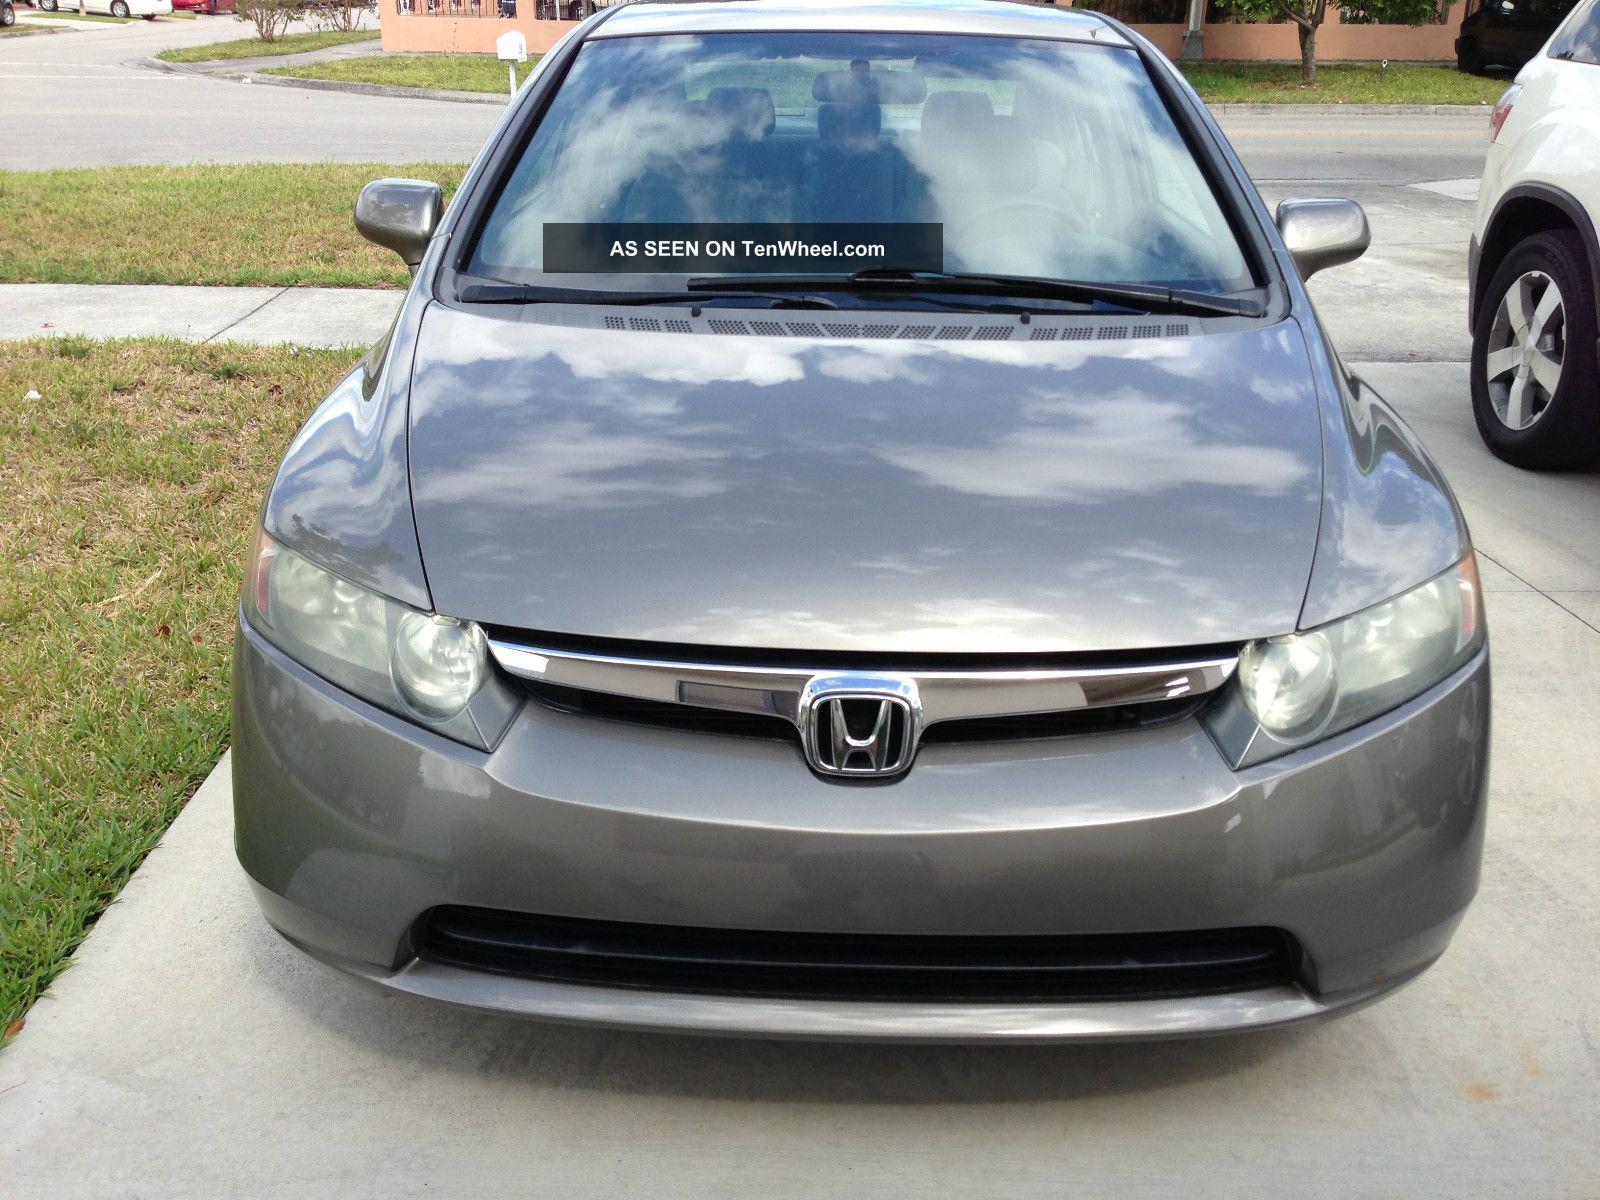 2008 Honda Civic Lx Sedan 4 Door 1 8l 5 Speed Manul Gas